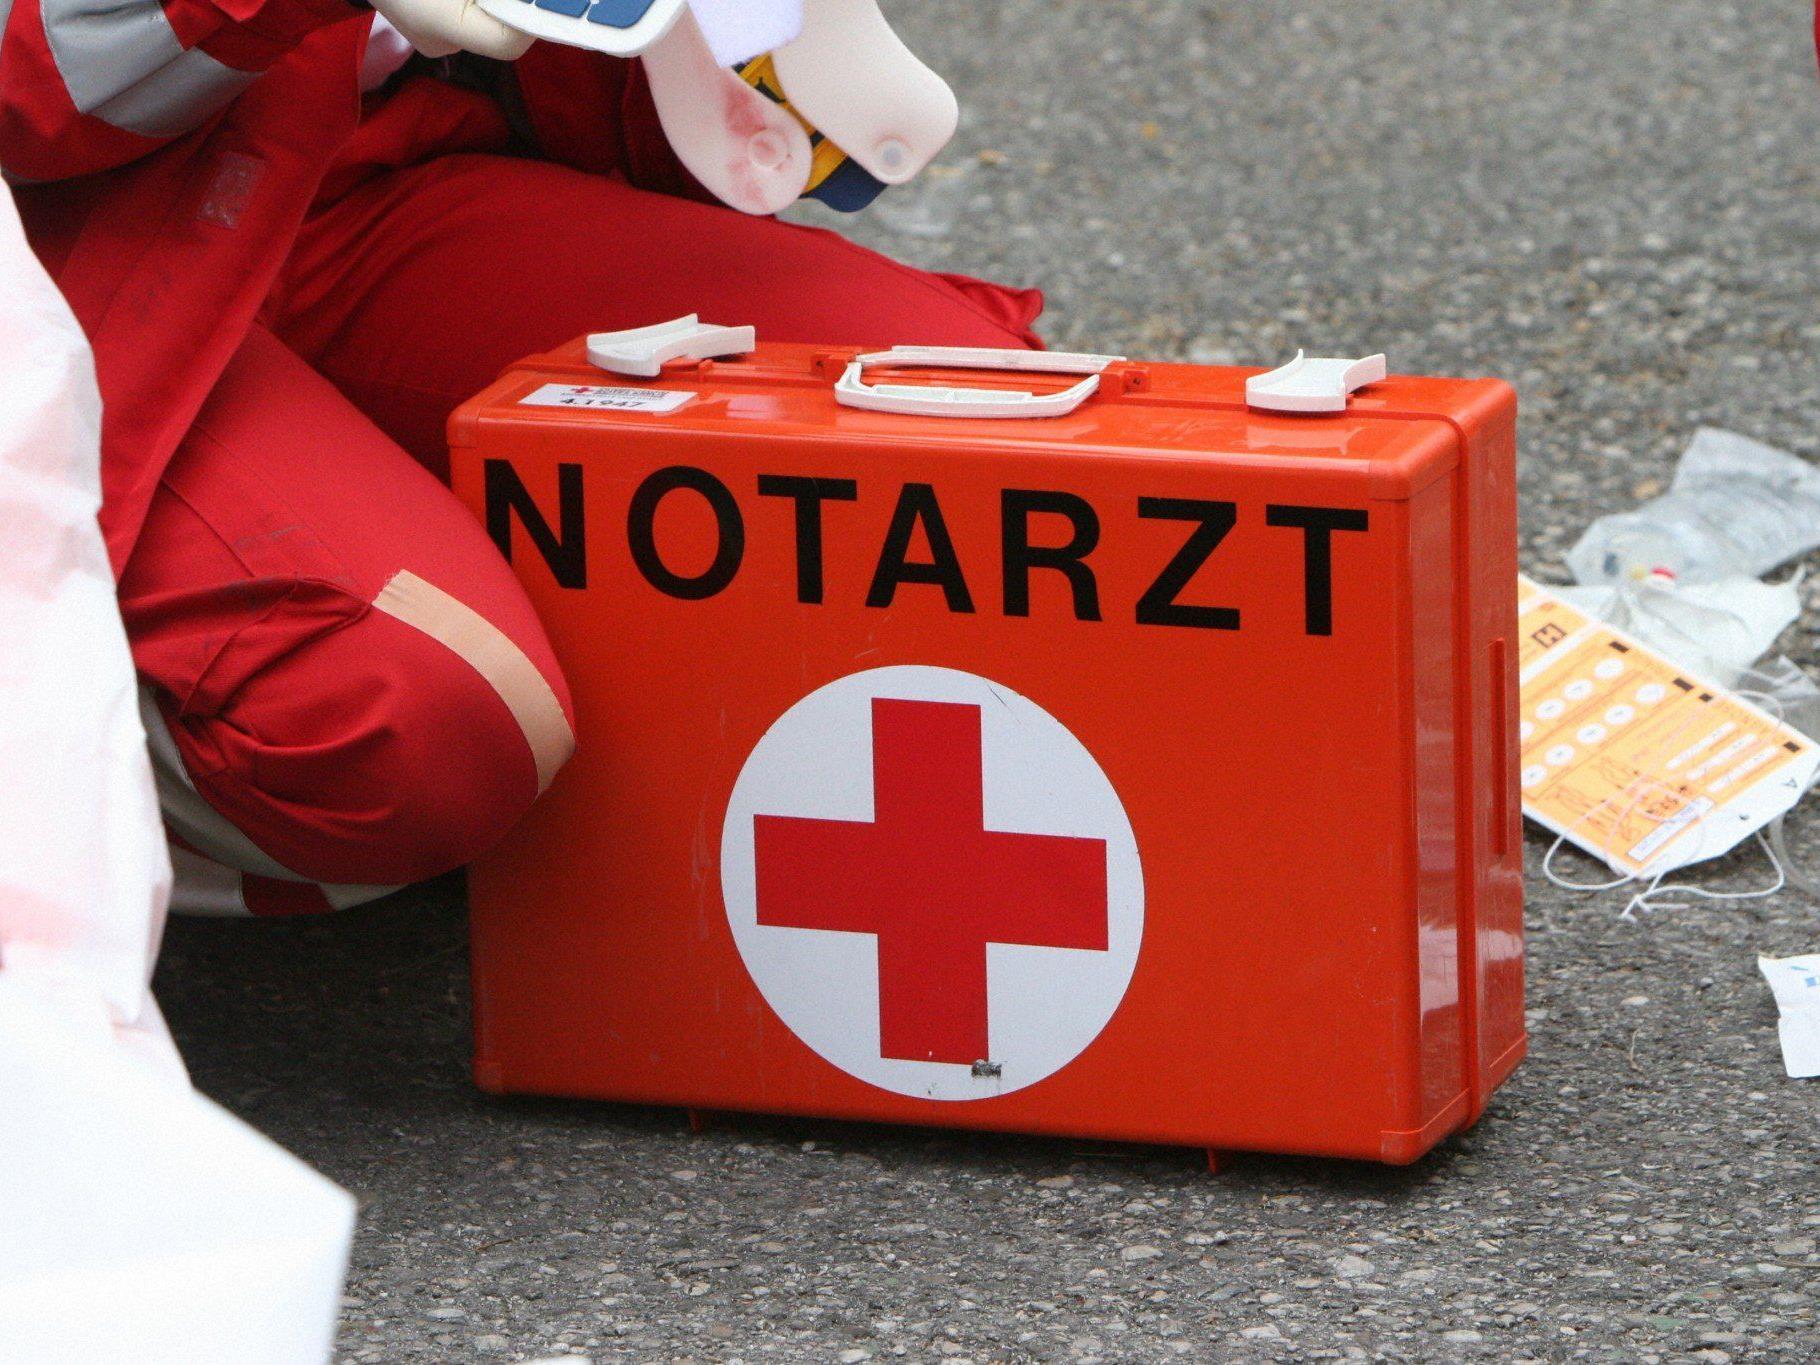 Der Arbeiter wurde mit schweren Verletzungen an beiden Händen ins LKH Bregenz gebracht.